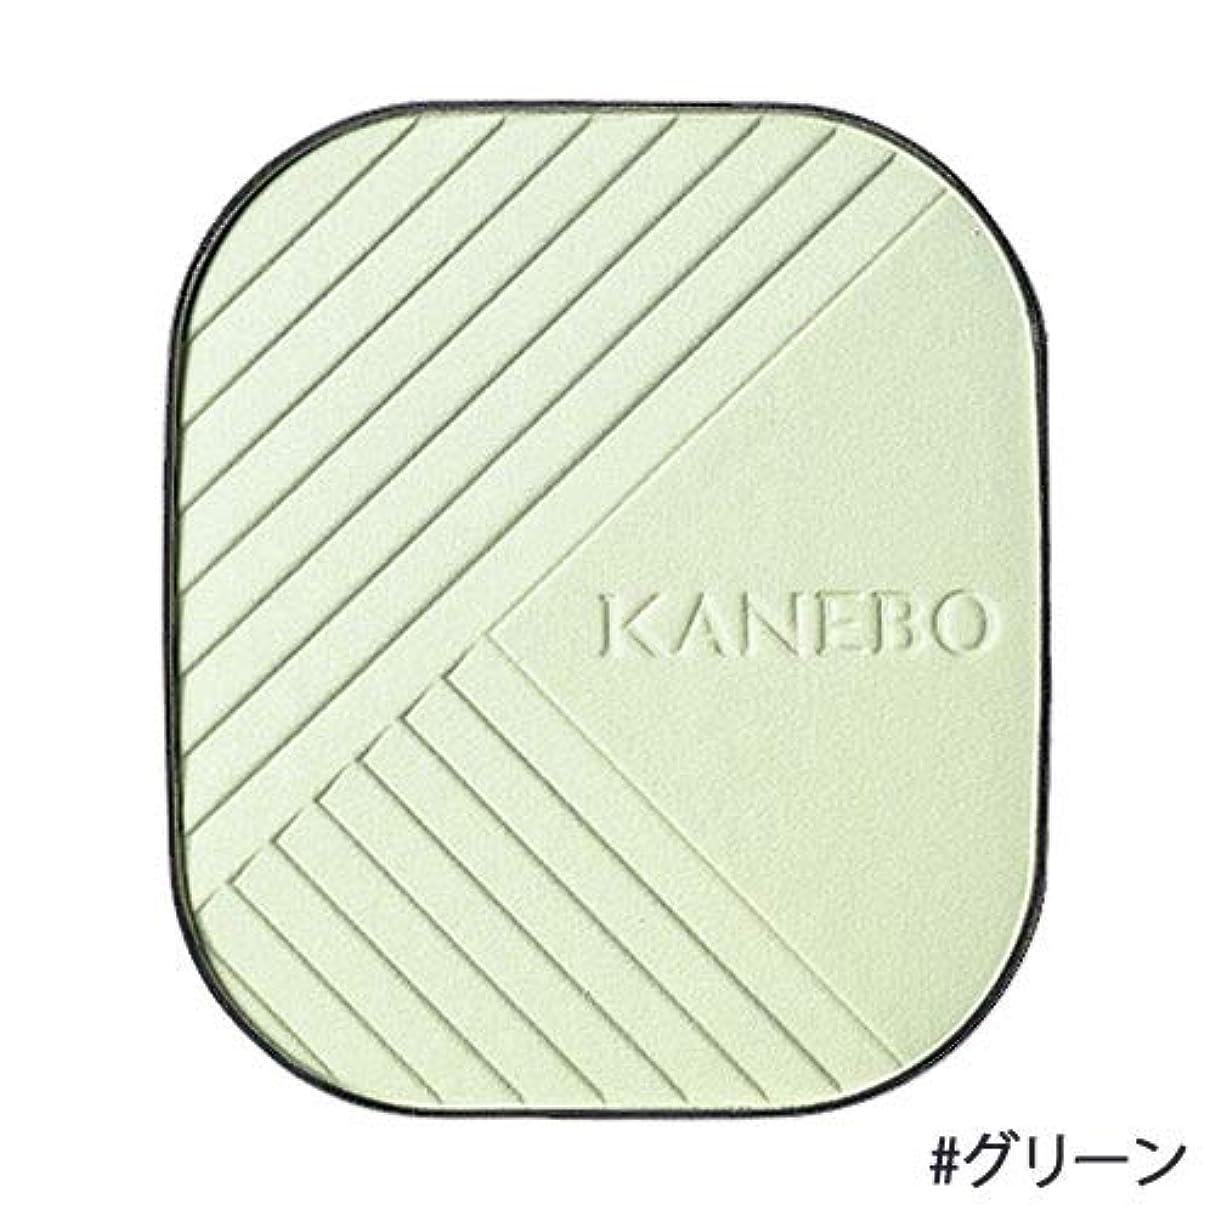 ショルダーウィザード展示会KANEBO カネボウ ラスターカラーファンデーション レフィル グリーン/GN 9g [並行輸入品]